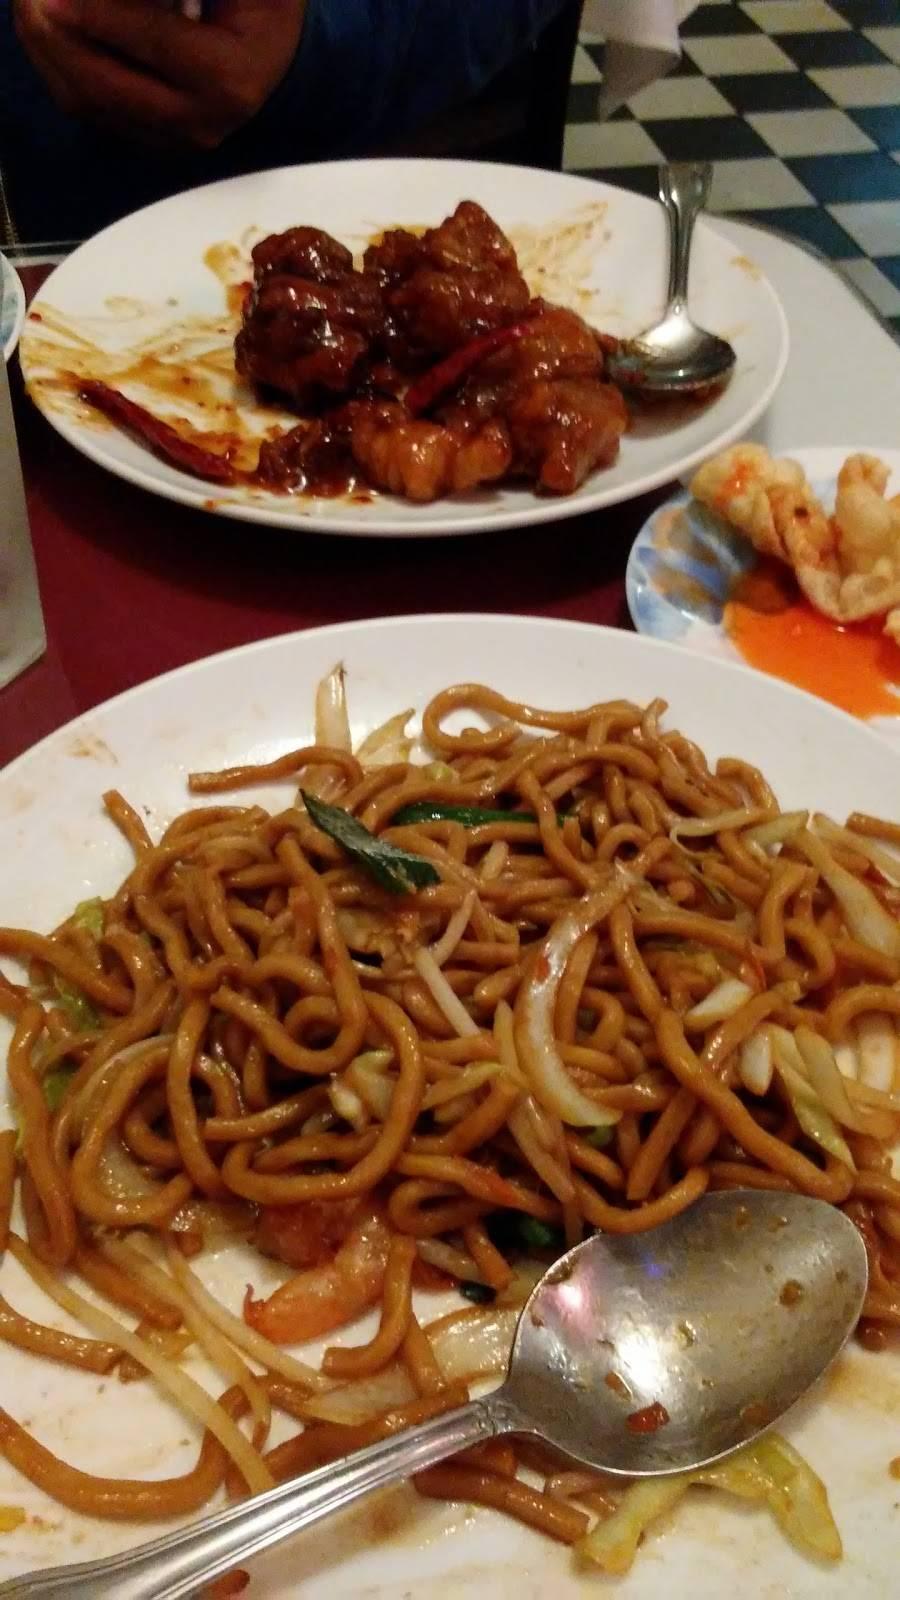 Jin Ye Restaurant   restaurant   152 Washington Ave, Richmond, CA 94801, USA   5102339988 OR +1 510-233-9988